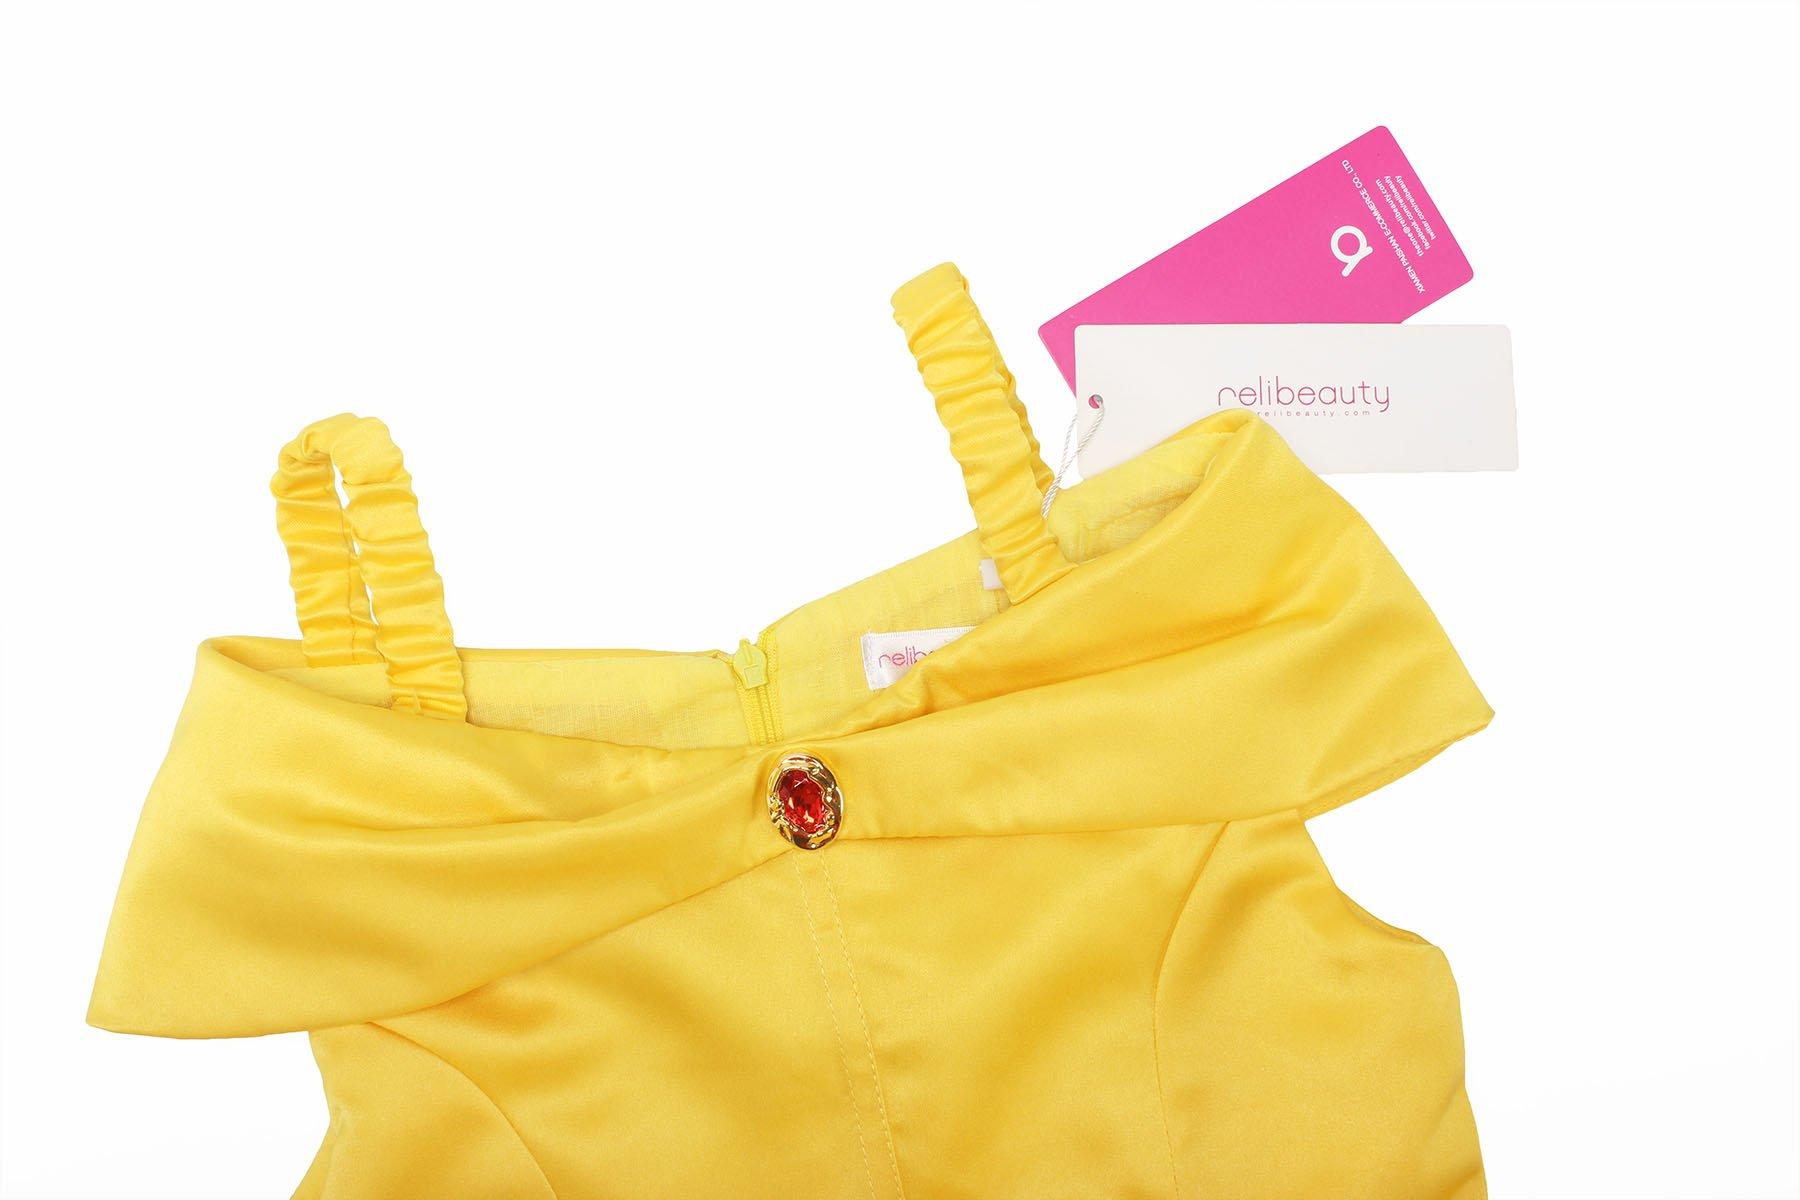 ReliBeauty Girls Dress Belle Cosplay Costume Ragazza Vestiti Abito Principessa Disney Costumi Vestire 3 spesavip